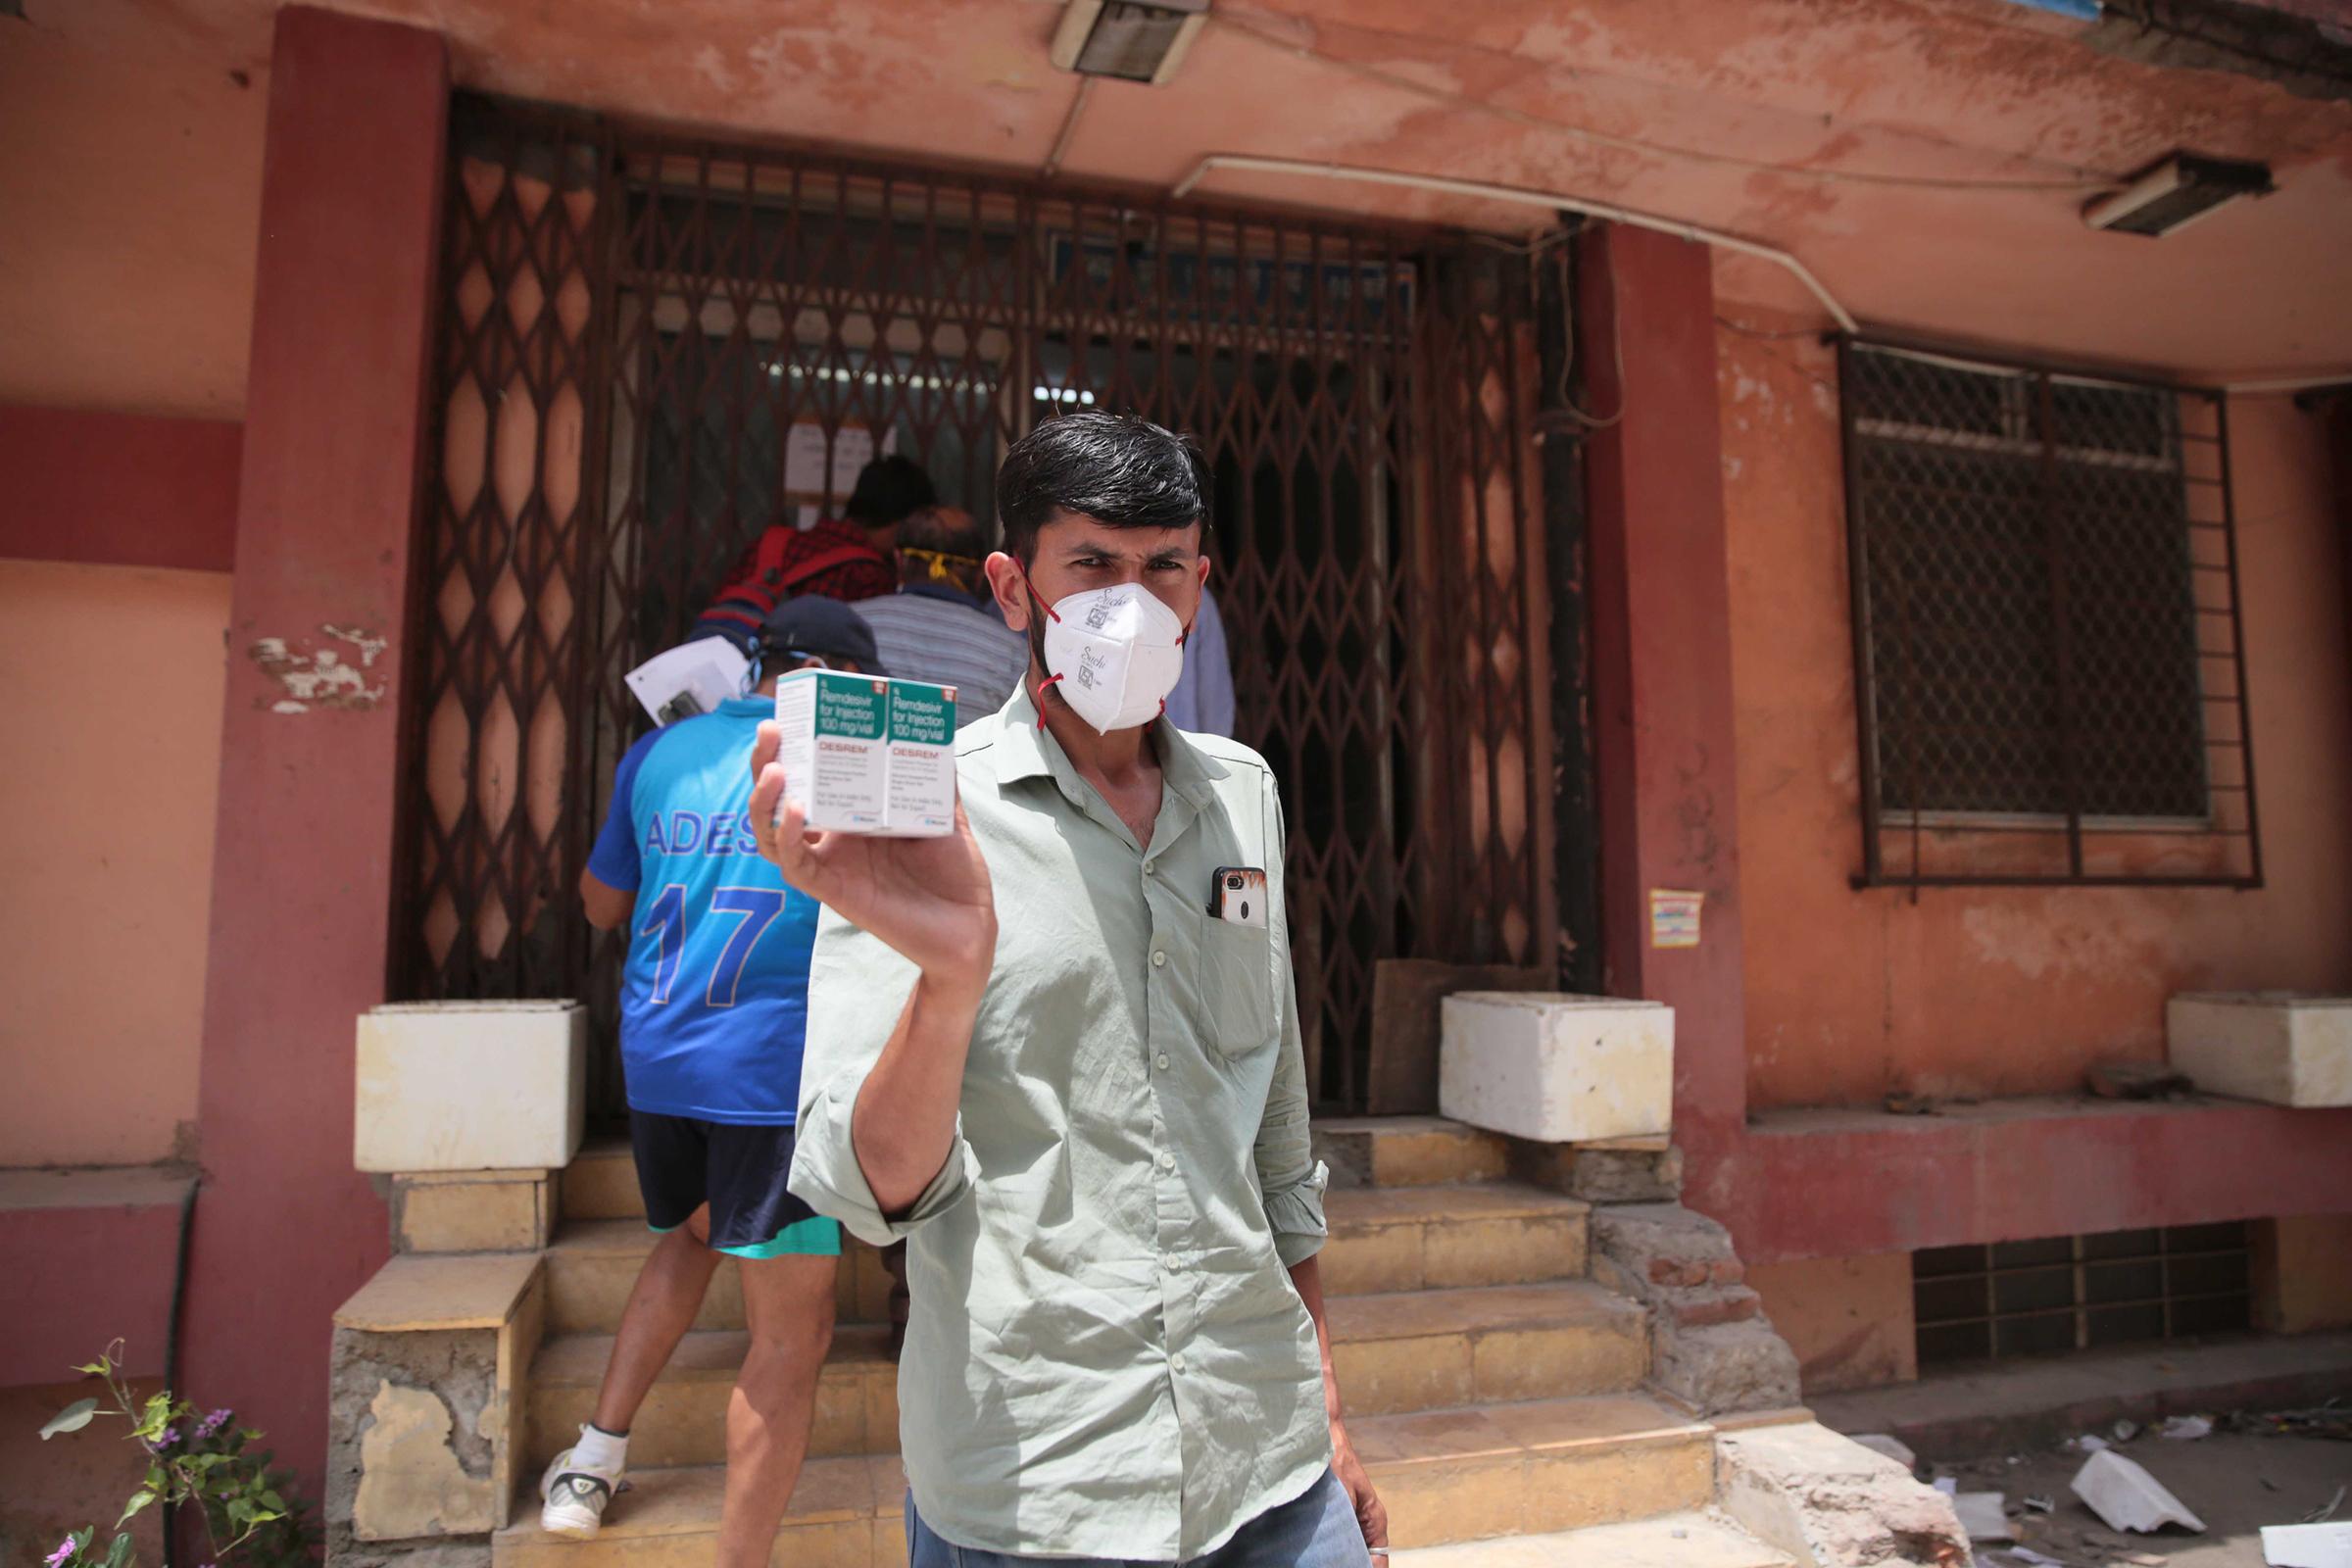 Một người đàn ông mua được thuốc Remdesivir tại thành phố Jaipur, Ấn Độ, hồi tháng 4. Ảnh: Hindustan Times.